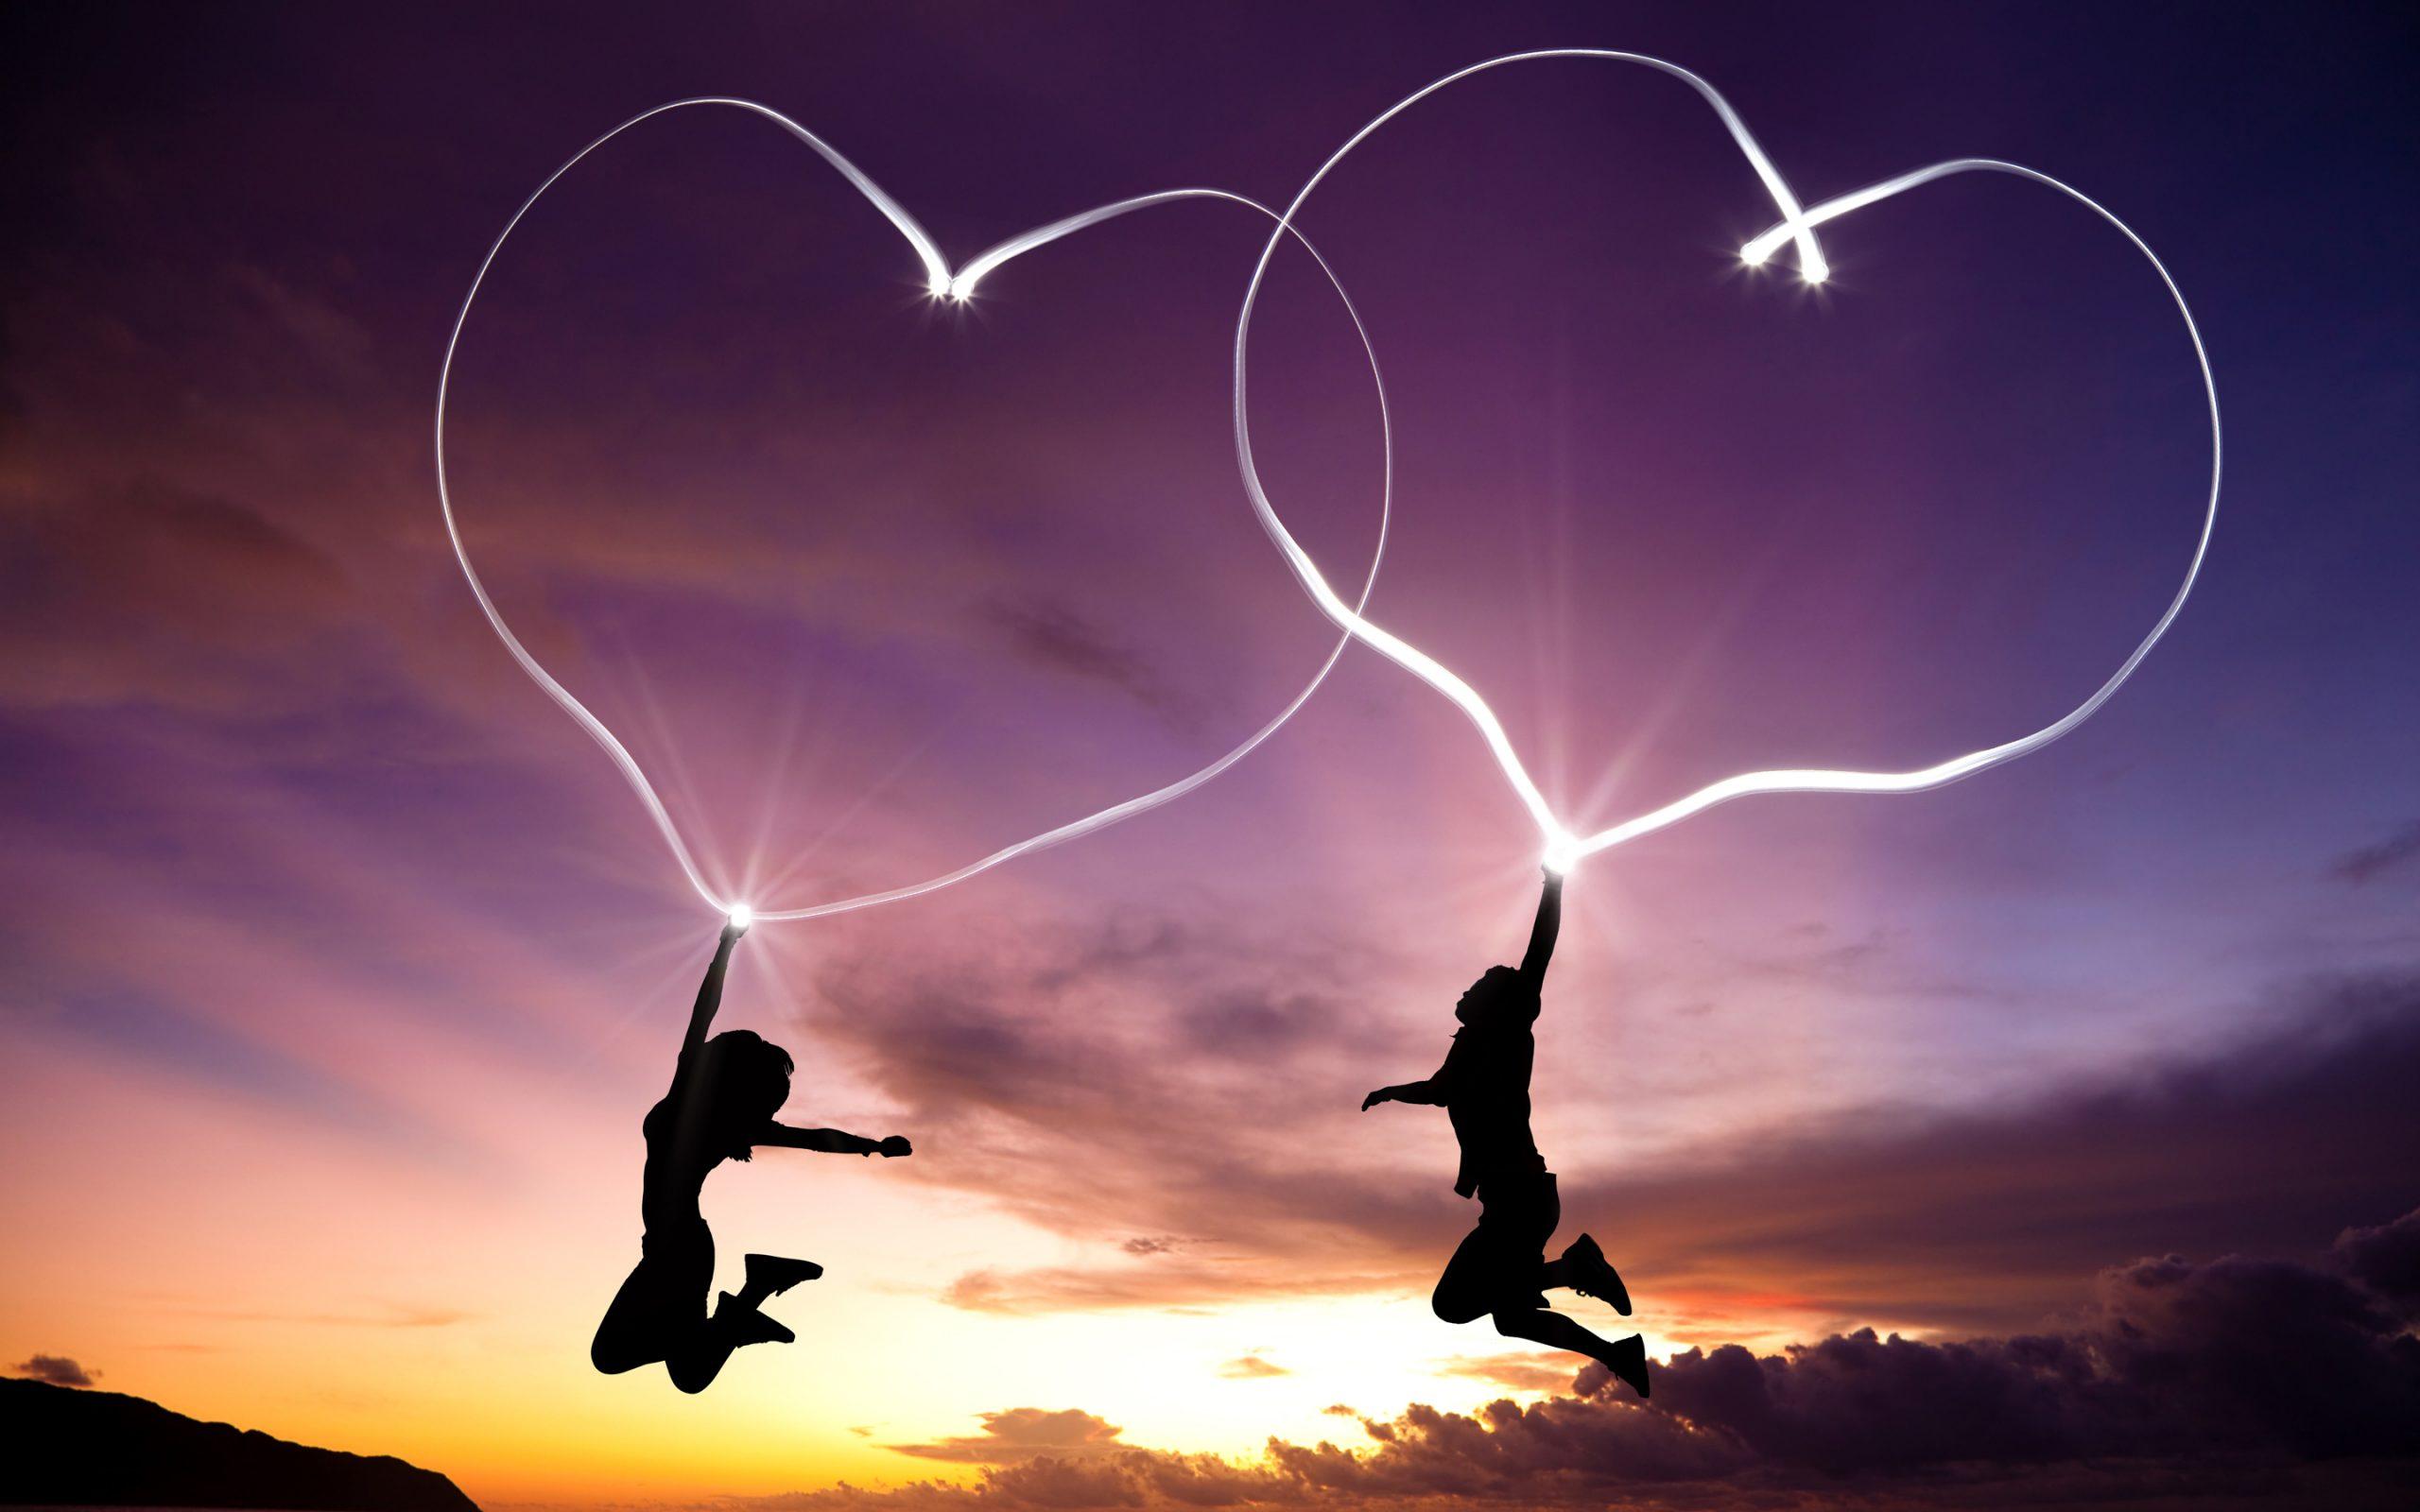 صور حب ورومانسية 16